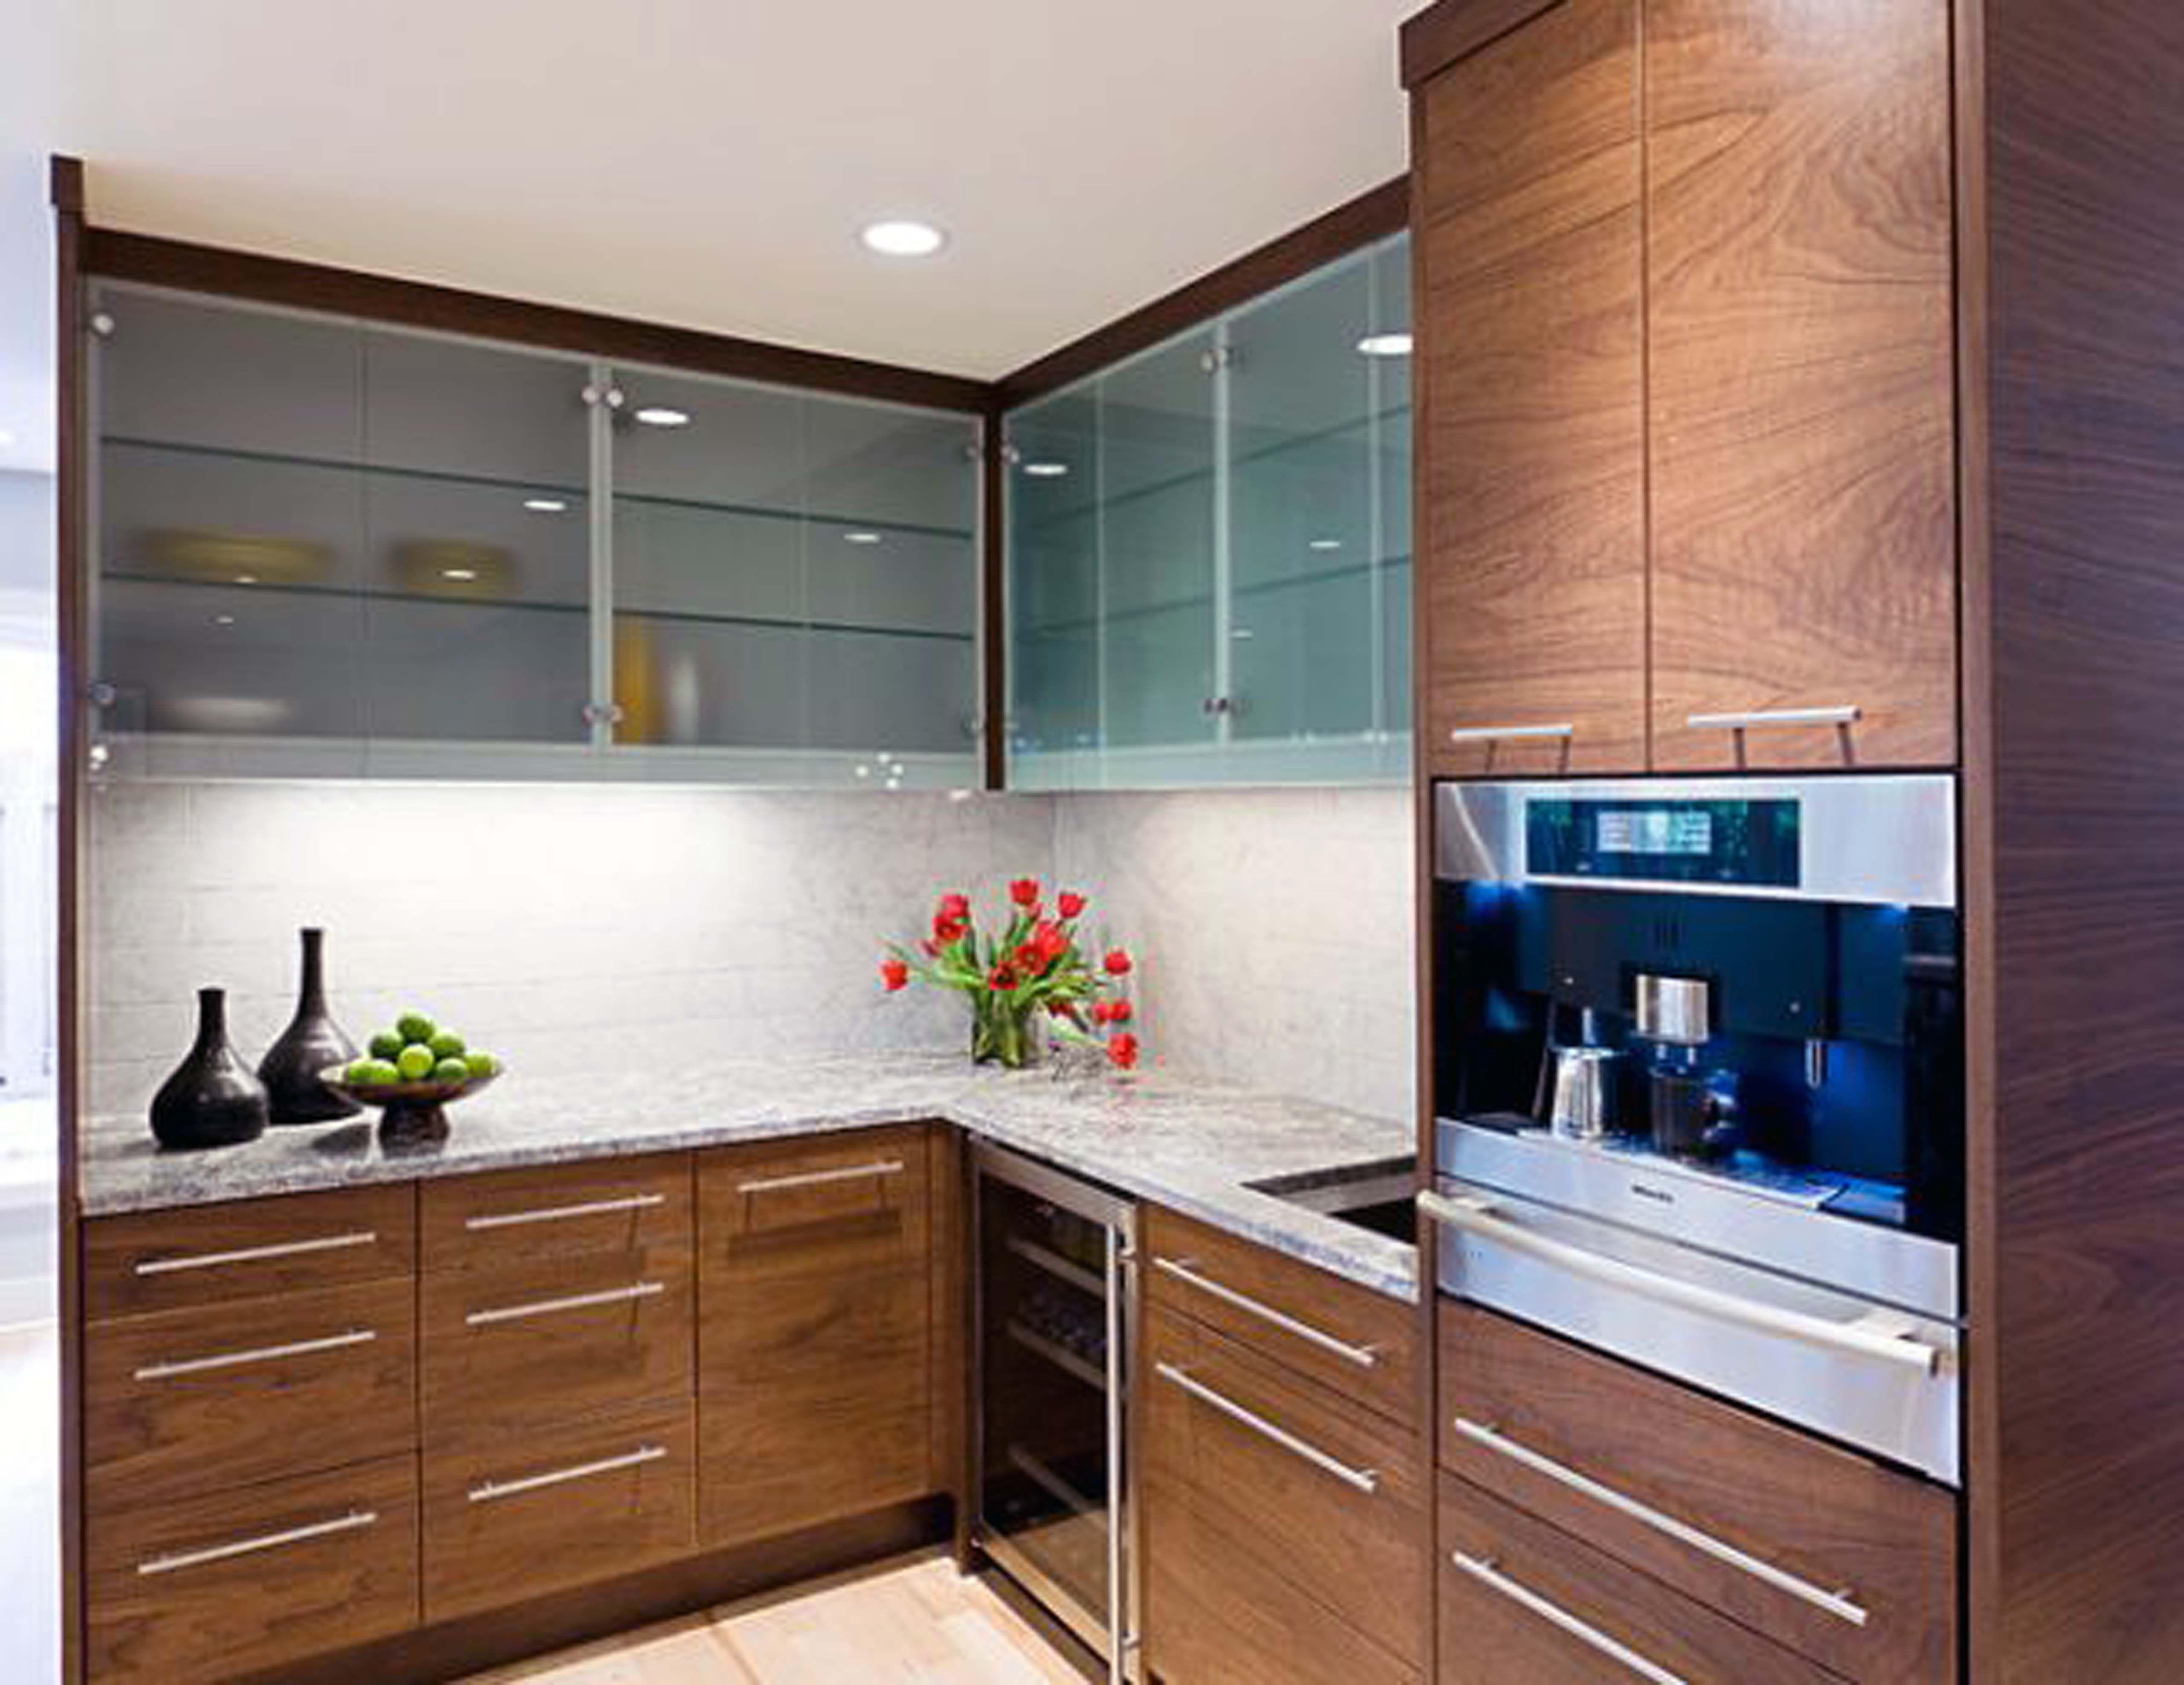 Typische Kleine L Formige Kuchen Inspirierend Einfamilienhaus Design